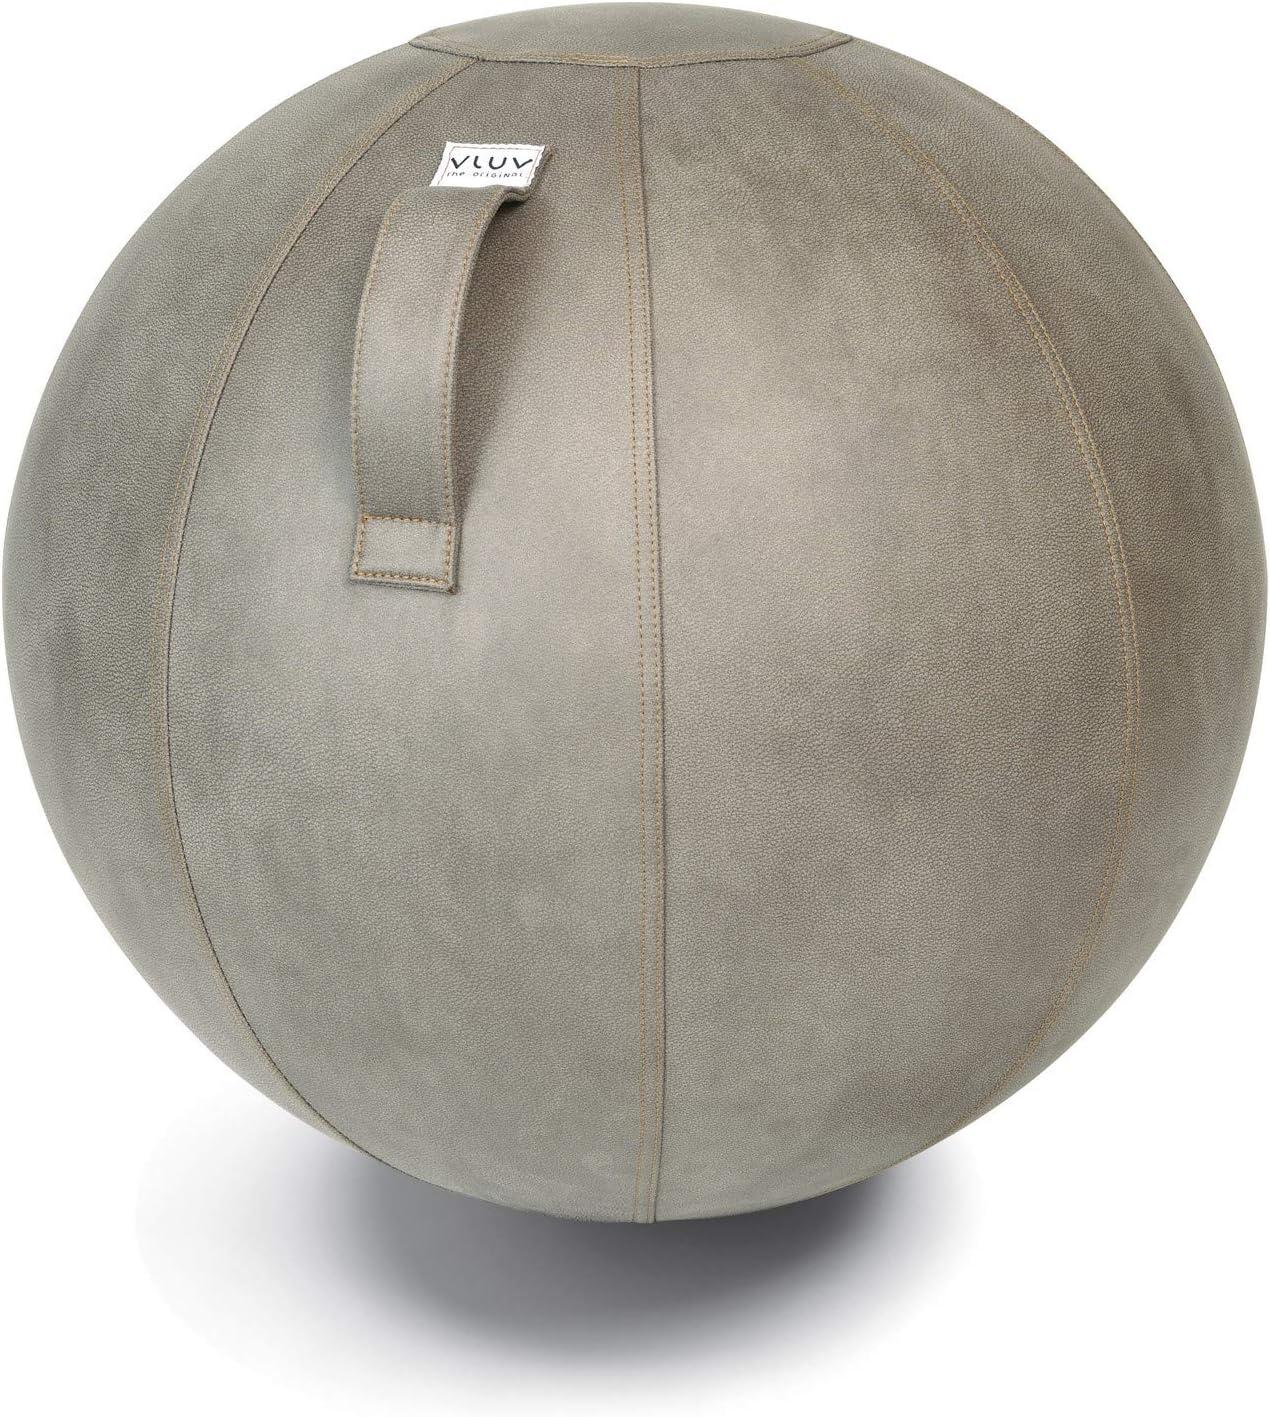 VLUV Ballon-siège VEEL